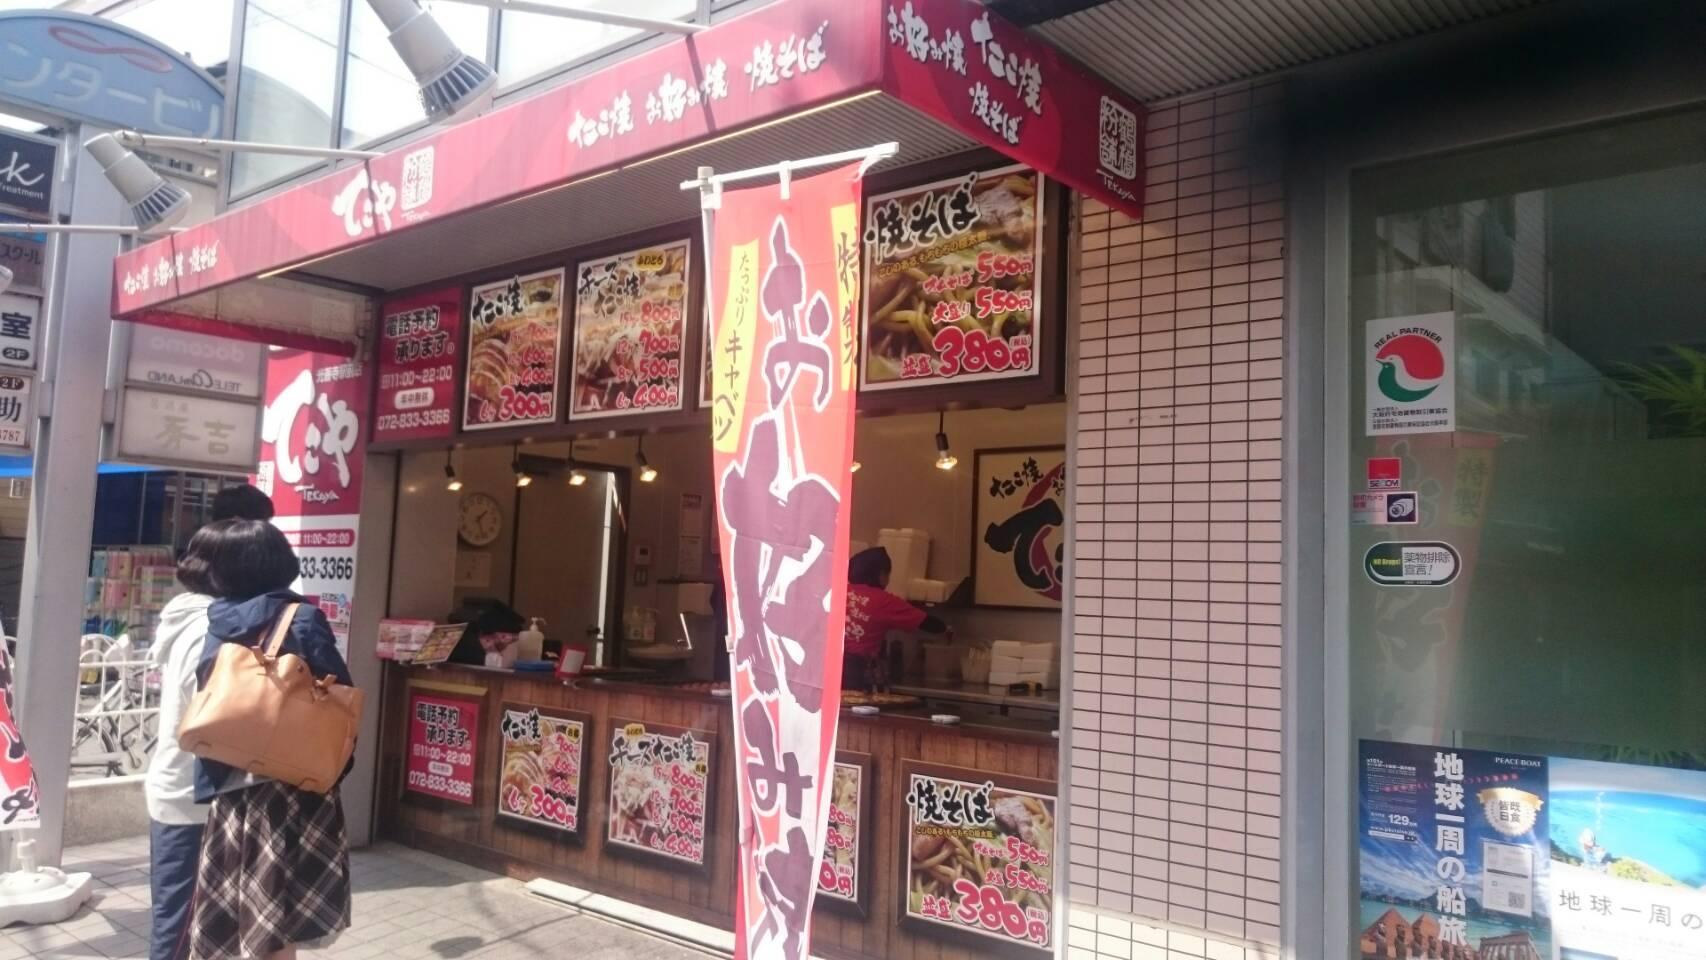 鶴橋粉舗 てこや(光善寺/たこ焼・焼きそば)